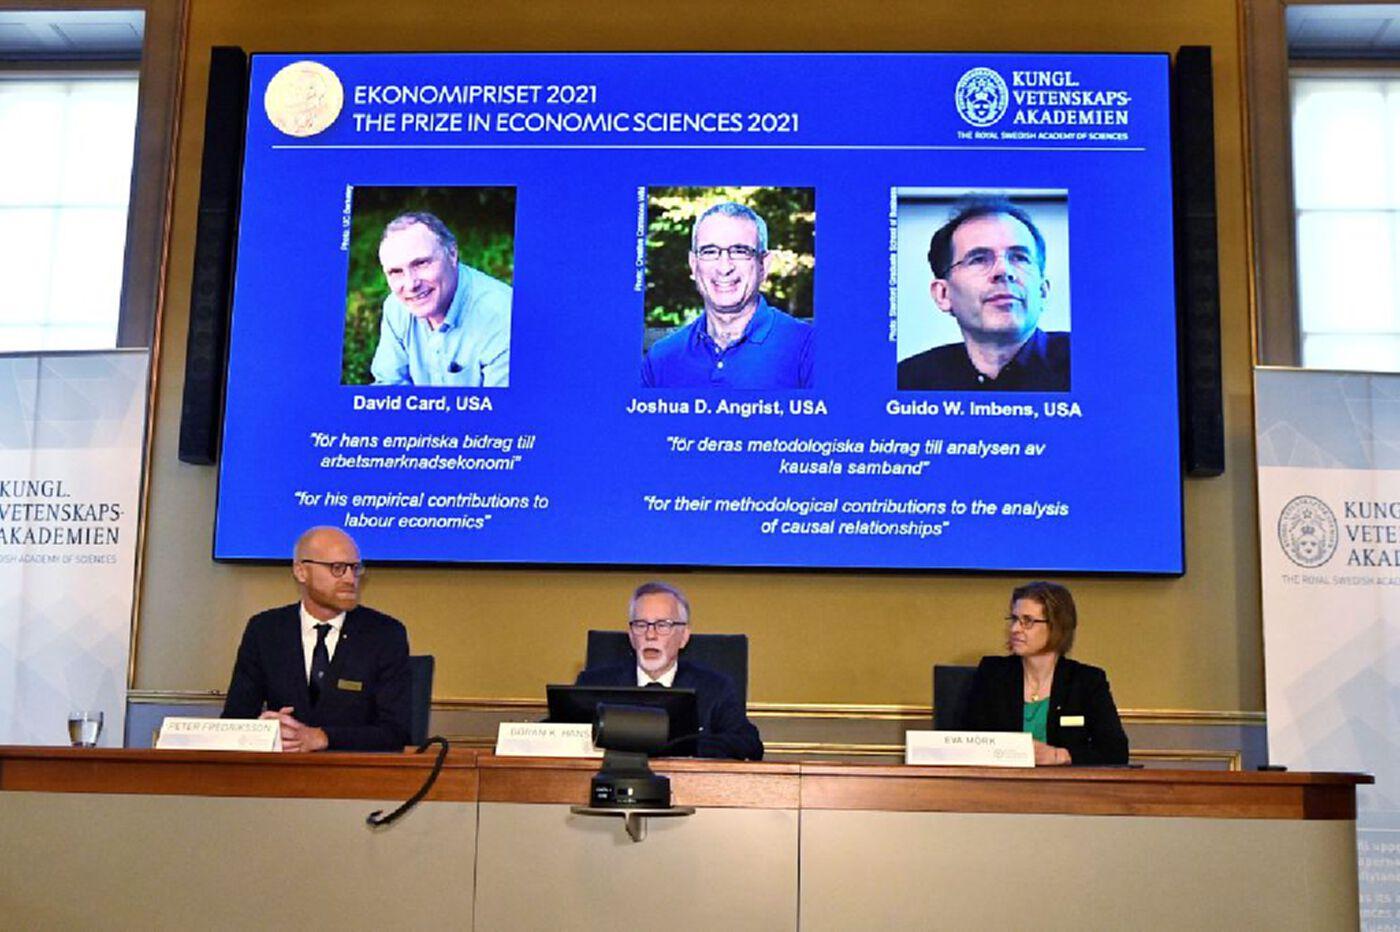 3 นักวิชาการสหรัฐคว้าโนเบลเศรษฐศาสตร์ ปี 2021